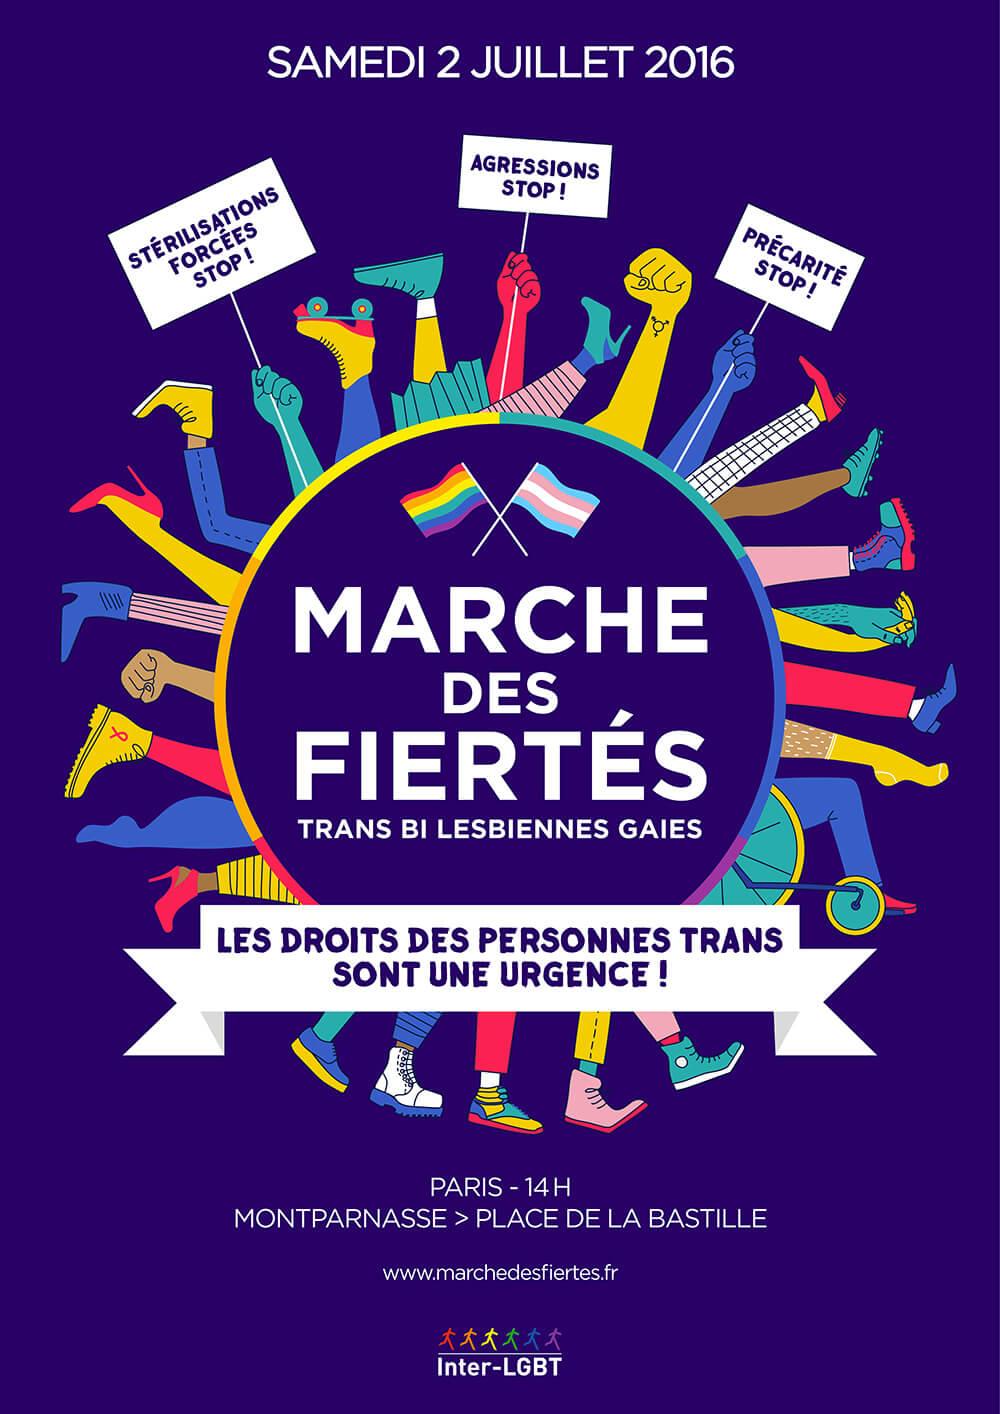 affiche marche Paris 2016